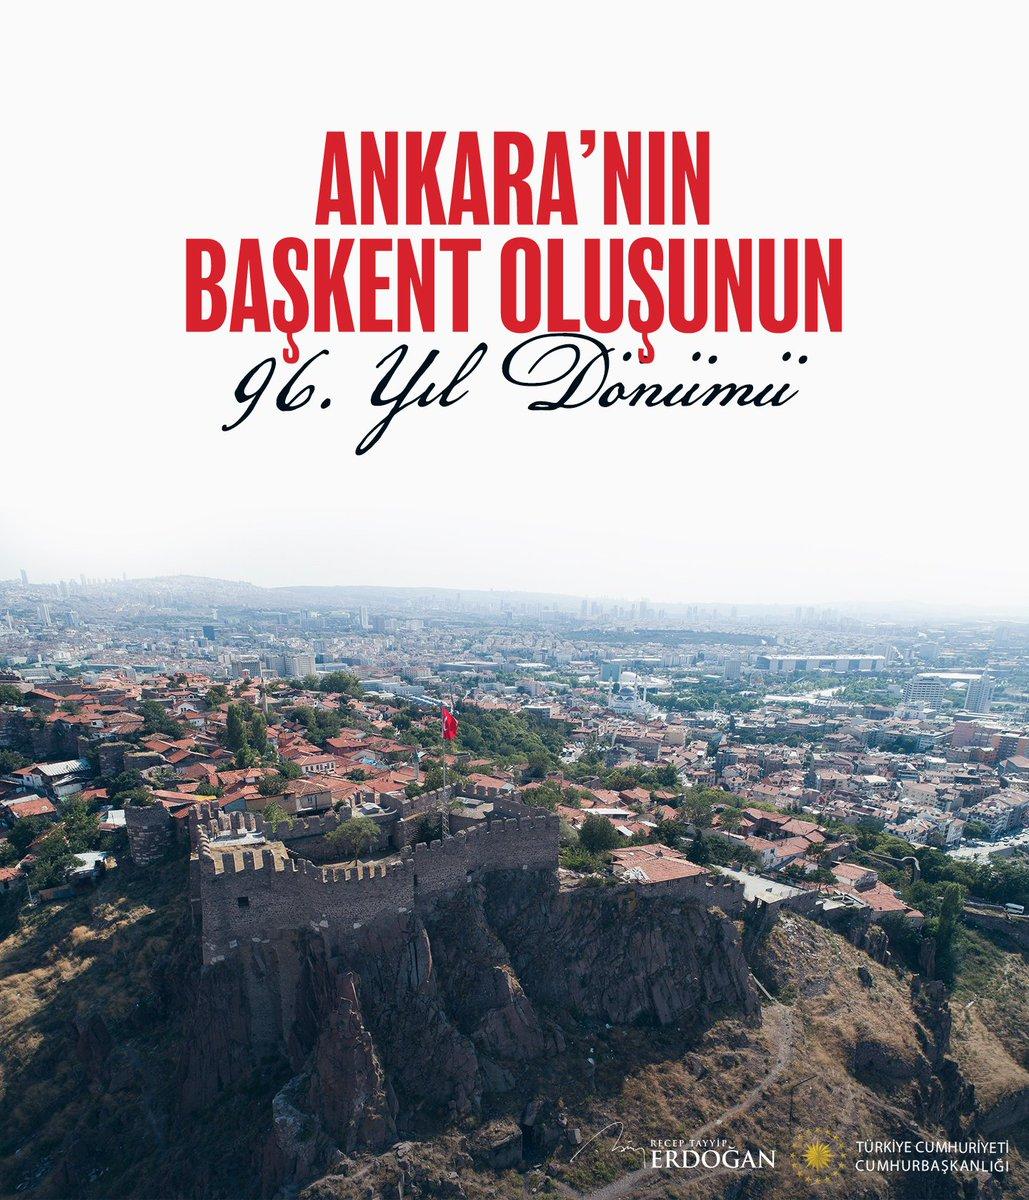 Türkiye Cumhuriyeti Cumhurbaşkanlığı olarak İstiklal mücadelemizin karargahı, Cumhuriyetimizin ve demokrasimizin beşiği Ankara'nın başkent oluşunun yıl dönümünü kutluyoruz. tccb.gov.tr/basin-aciklama…